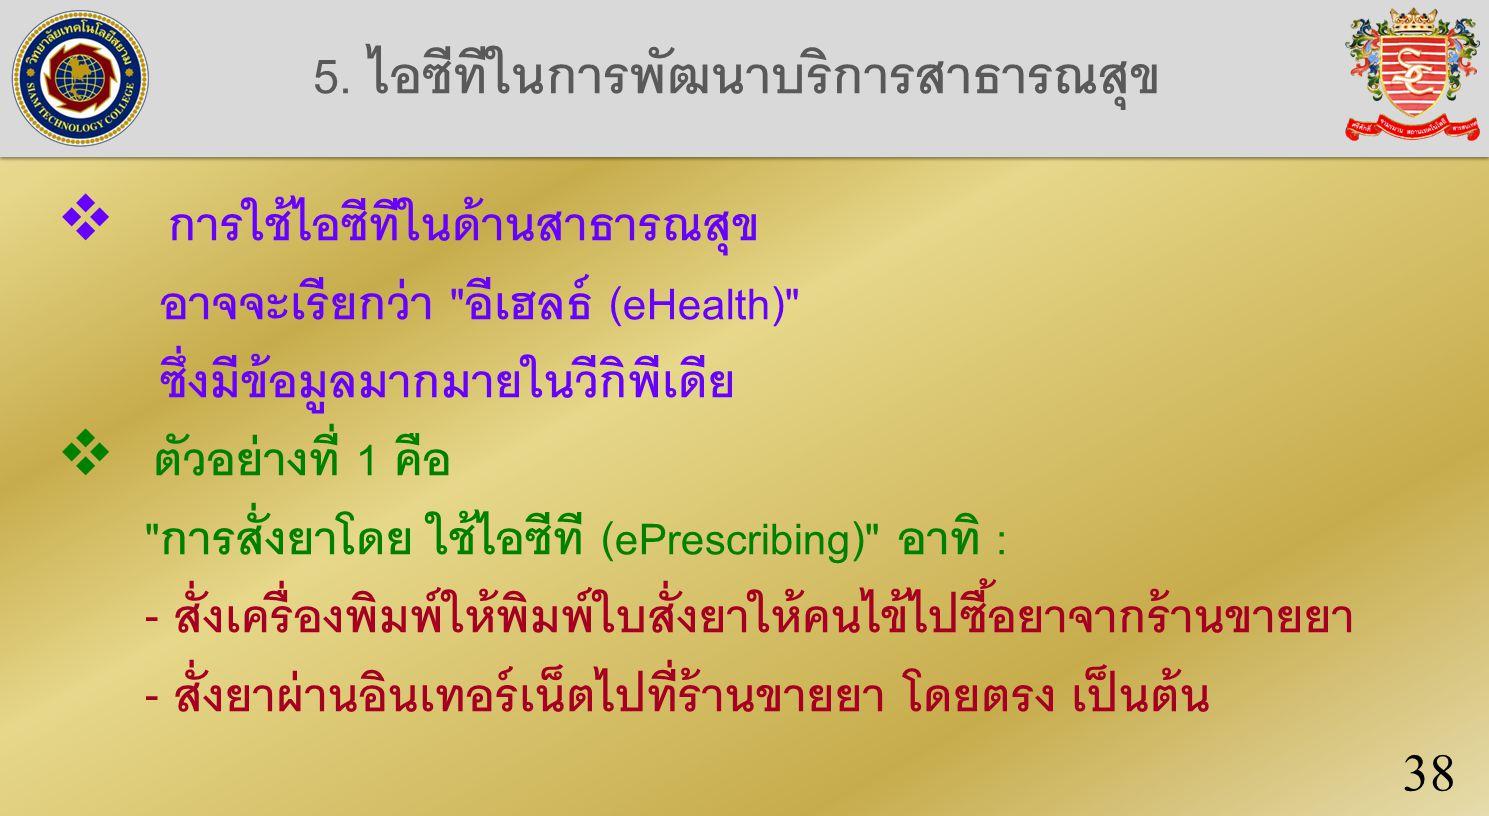 5. ไอซีทีในการพัฒนาบริการสาธารณสุข 38  การใช้ไอซีทีในด้านสาธารณสุข อาจจะเรียกว่า